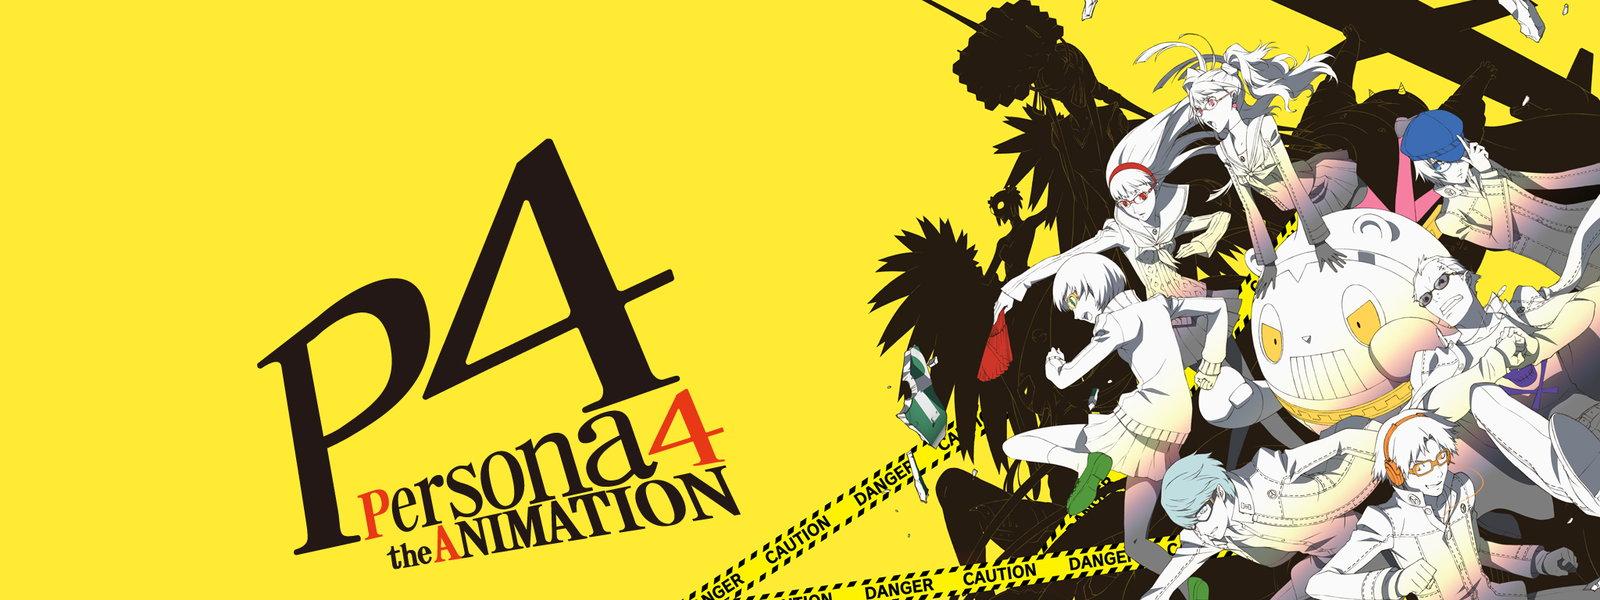 ペルソナ4 Persona4 the ANIMATIONの動画 - ペルソナ5 PERSONA5 the Animation